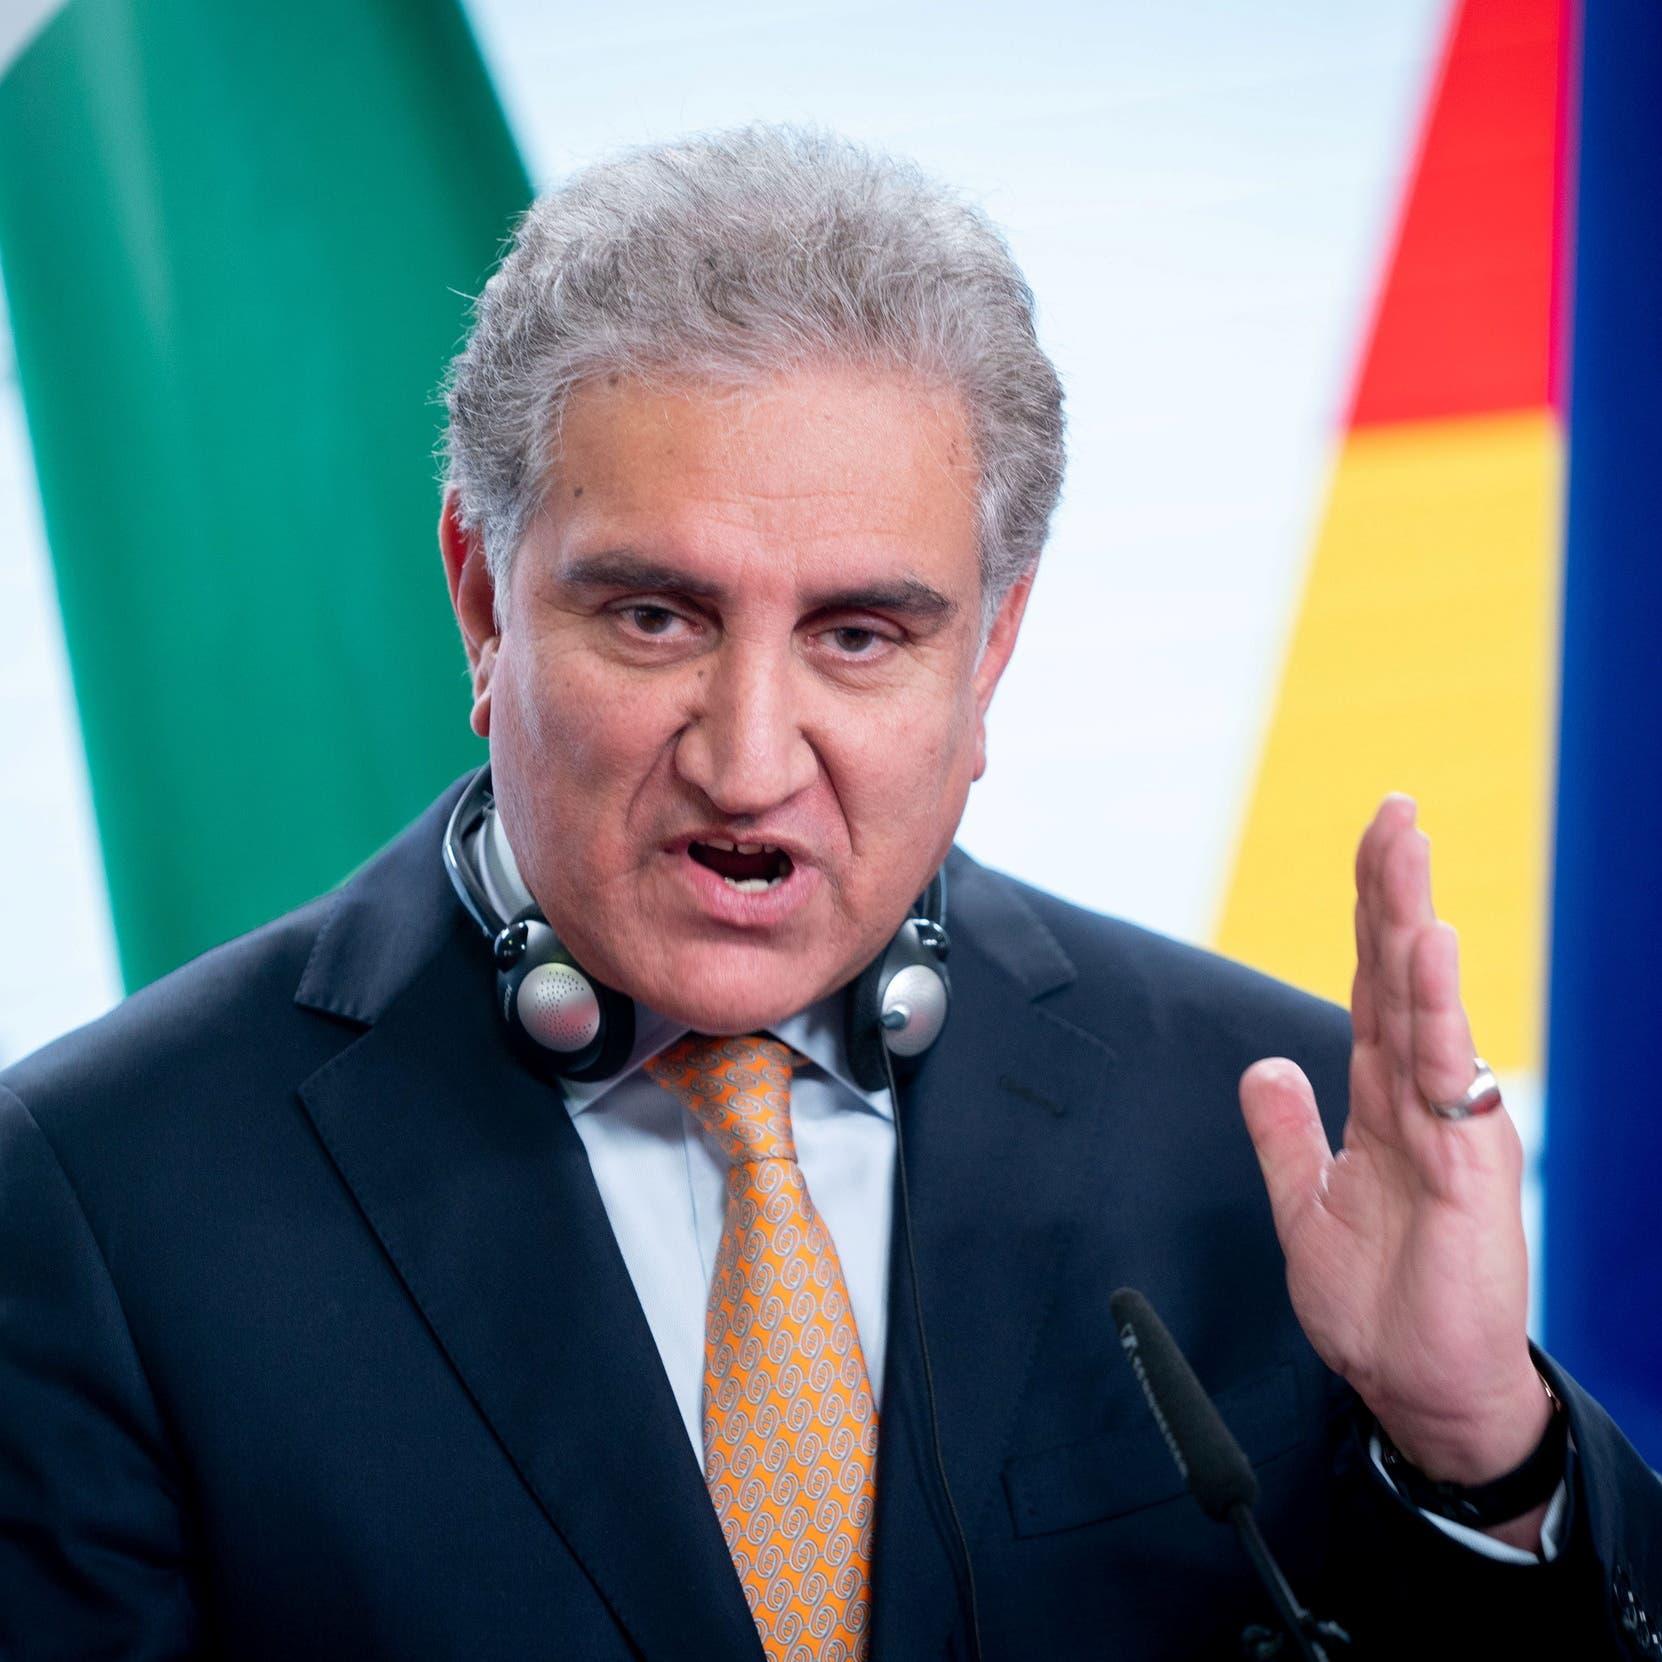 وزير خارجية باكستان: لا نفضل طرفا على آخر في أفغانستان